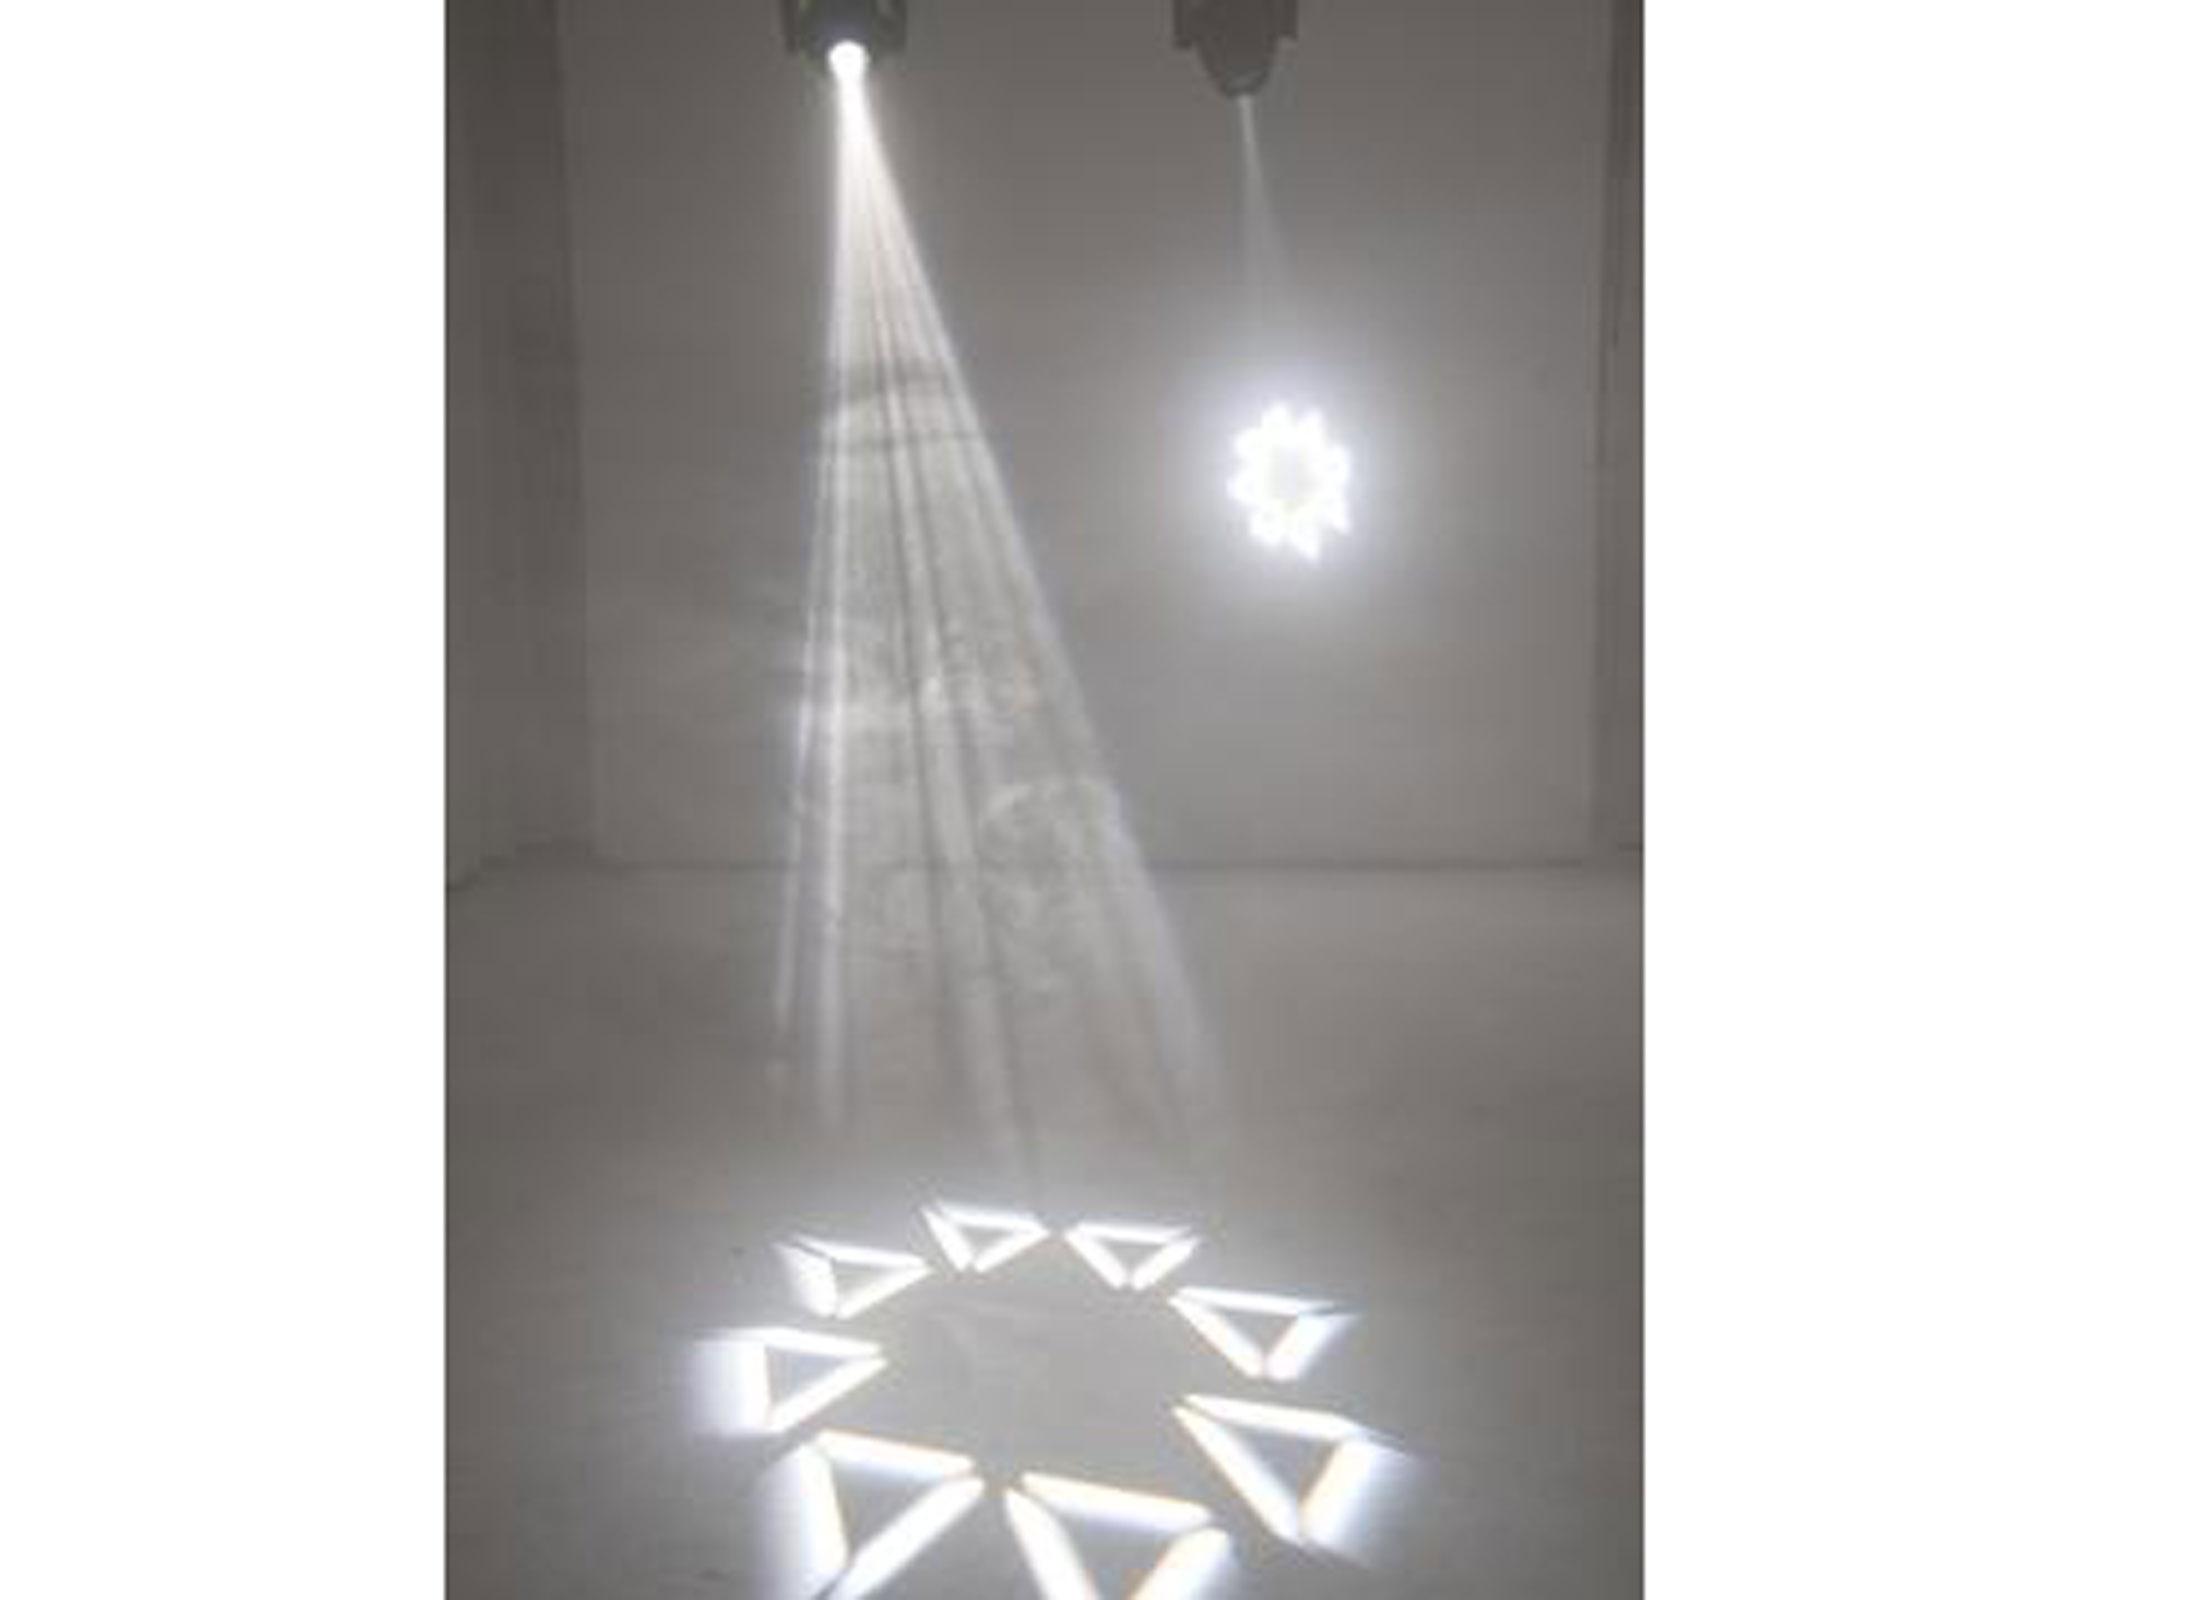 Calex Lampen Action : Lsc led lamp action litecraft outled at plus led outdoor par